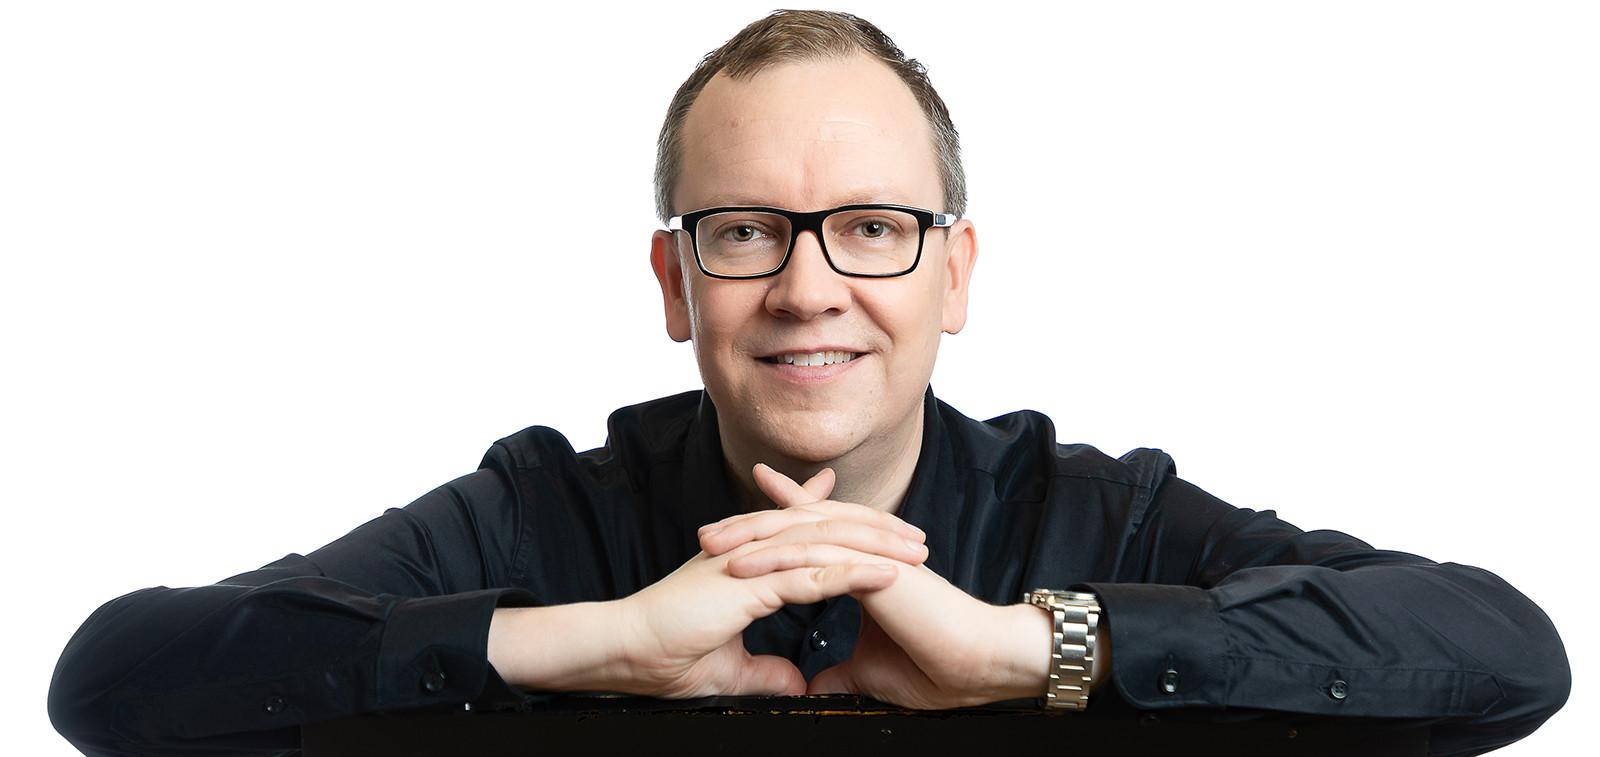 Turun filharmonisen orkesterin intendentti Nikke Isomöttönen katsoo kameraan ja hymyilee.